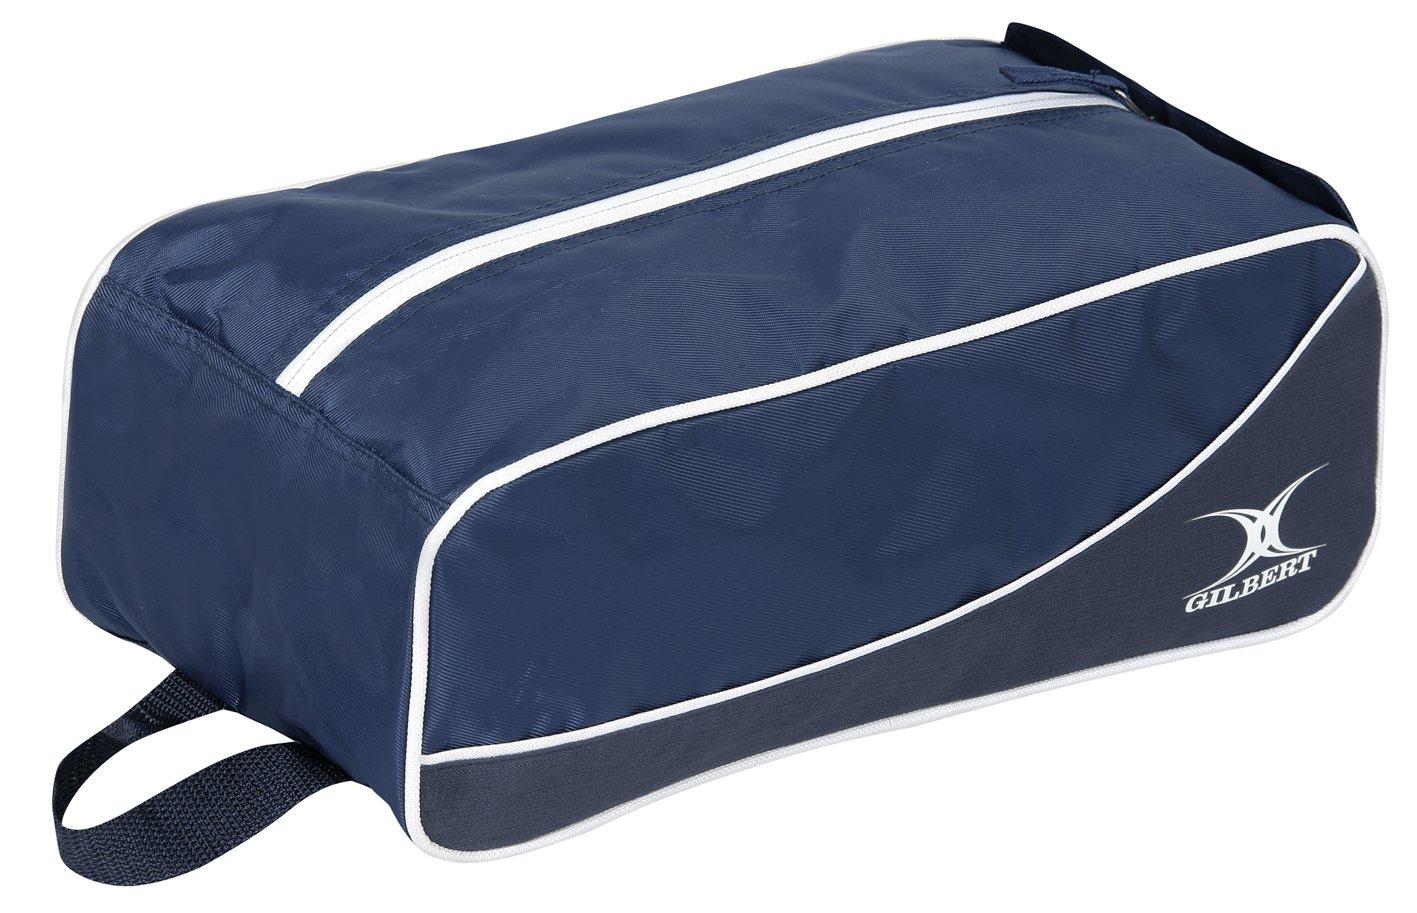 Club V2 Boot Bag - Black/Black Gilbert 5024686211258